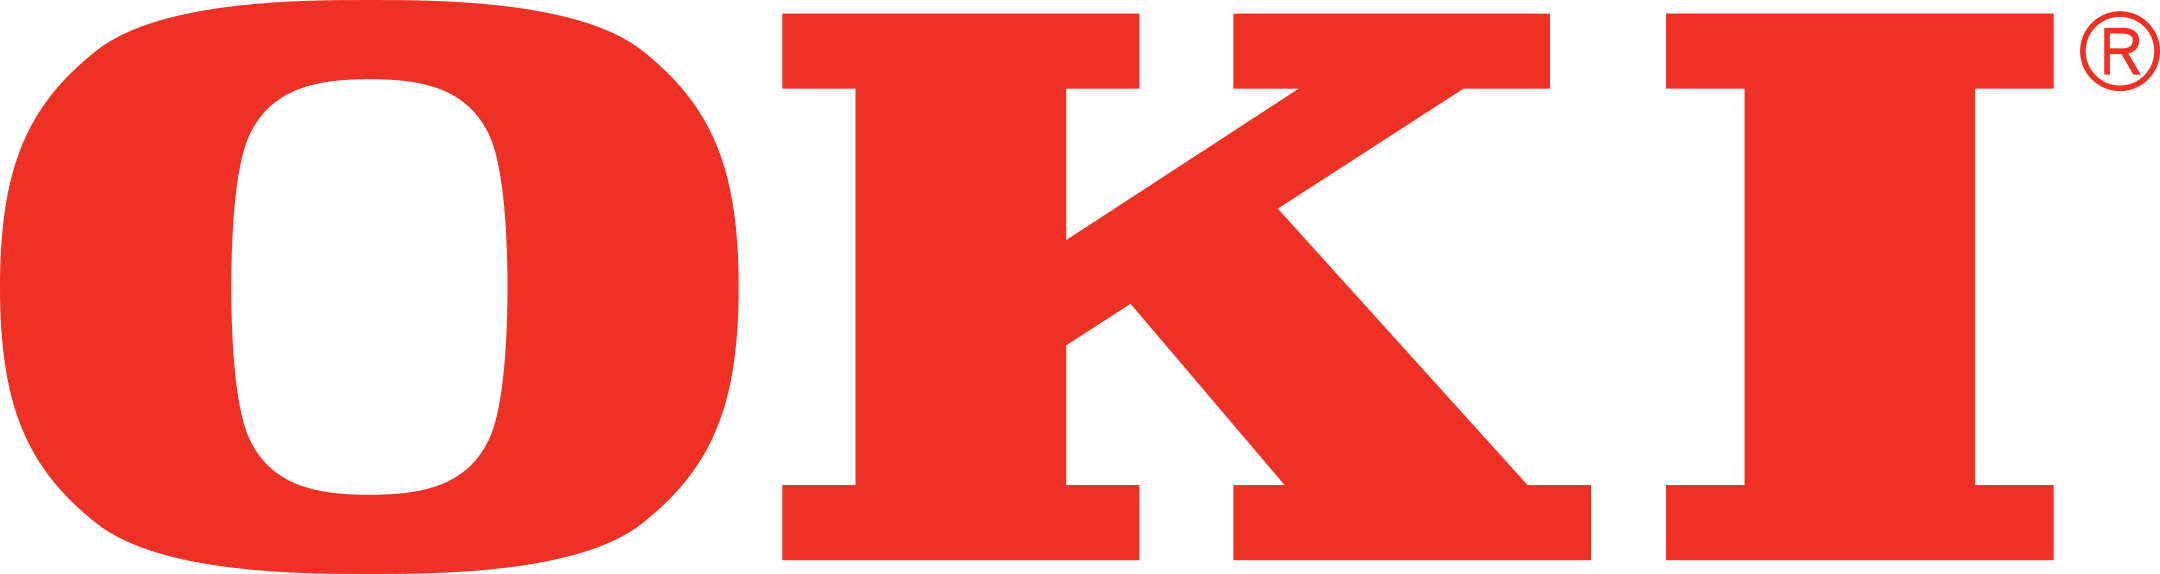 oki data logo 1 - OKI Logo